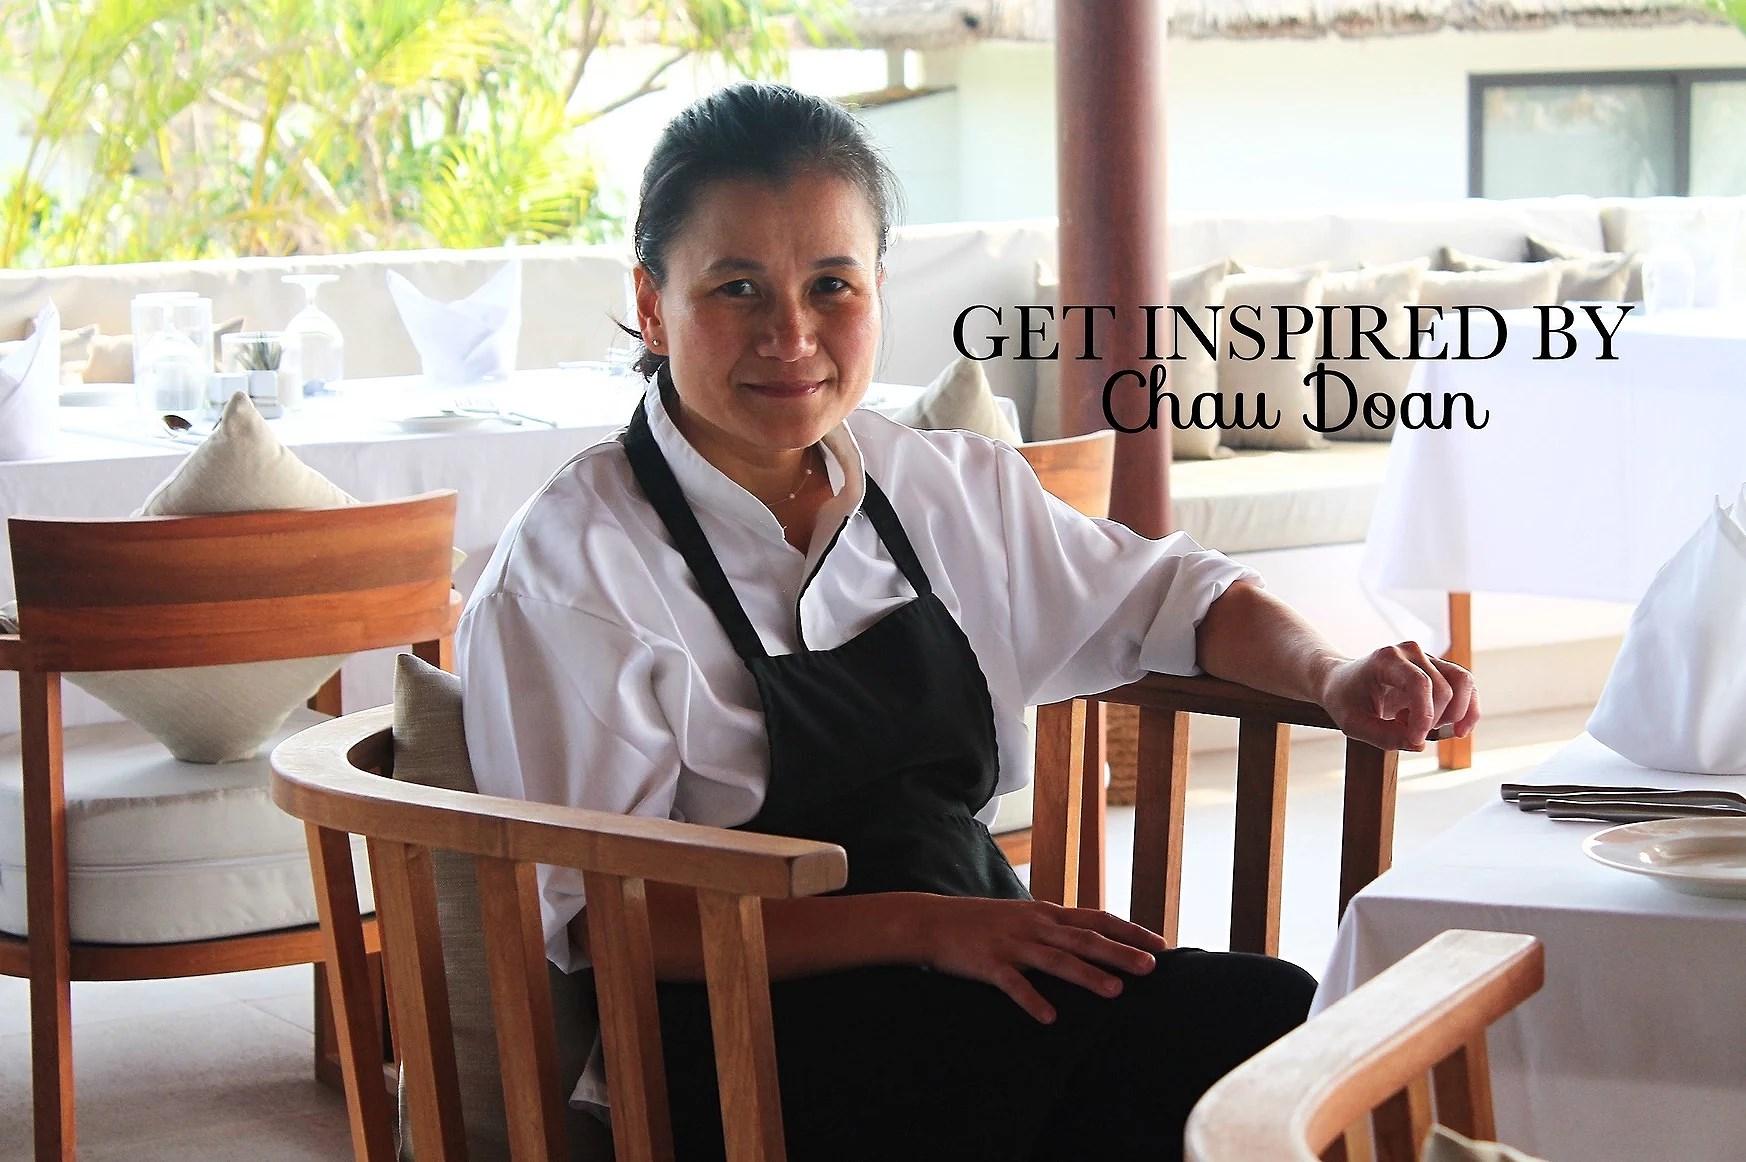 GET INSPIRED BY: CHAU DOAN